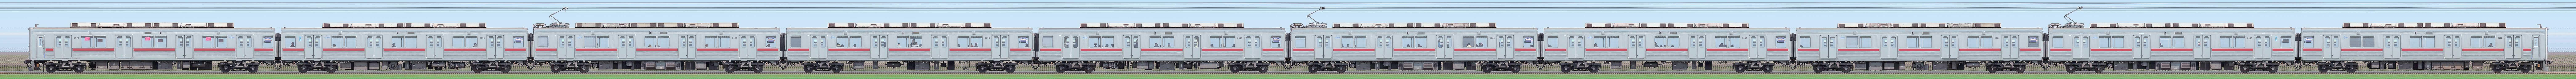 東武9000型9102編成(山側)の編成サイドビュー